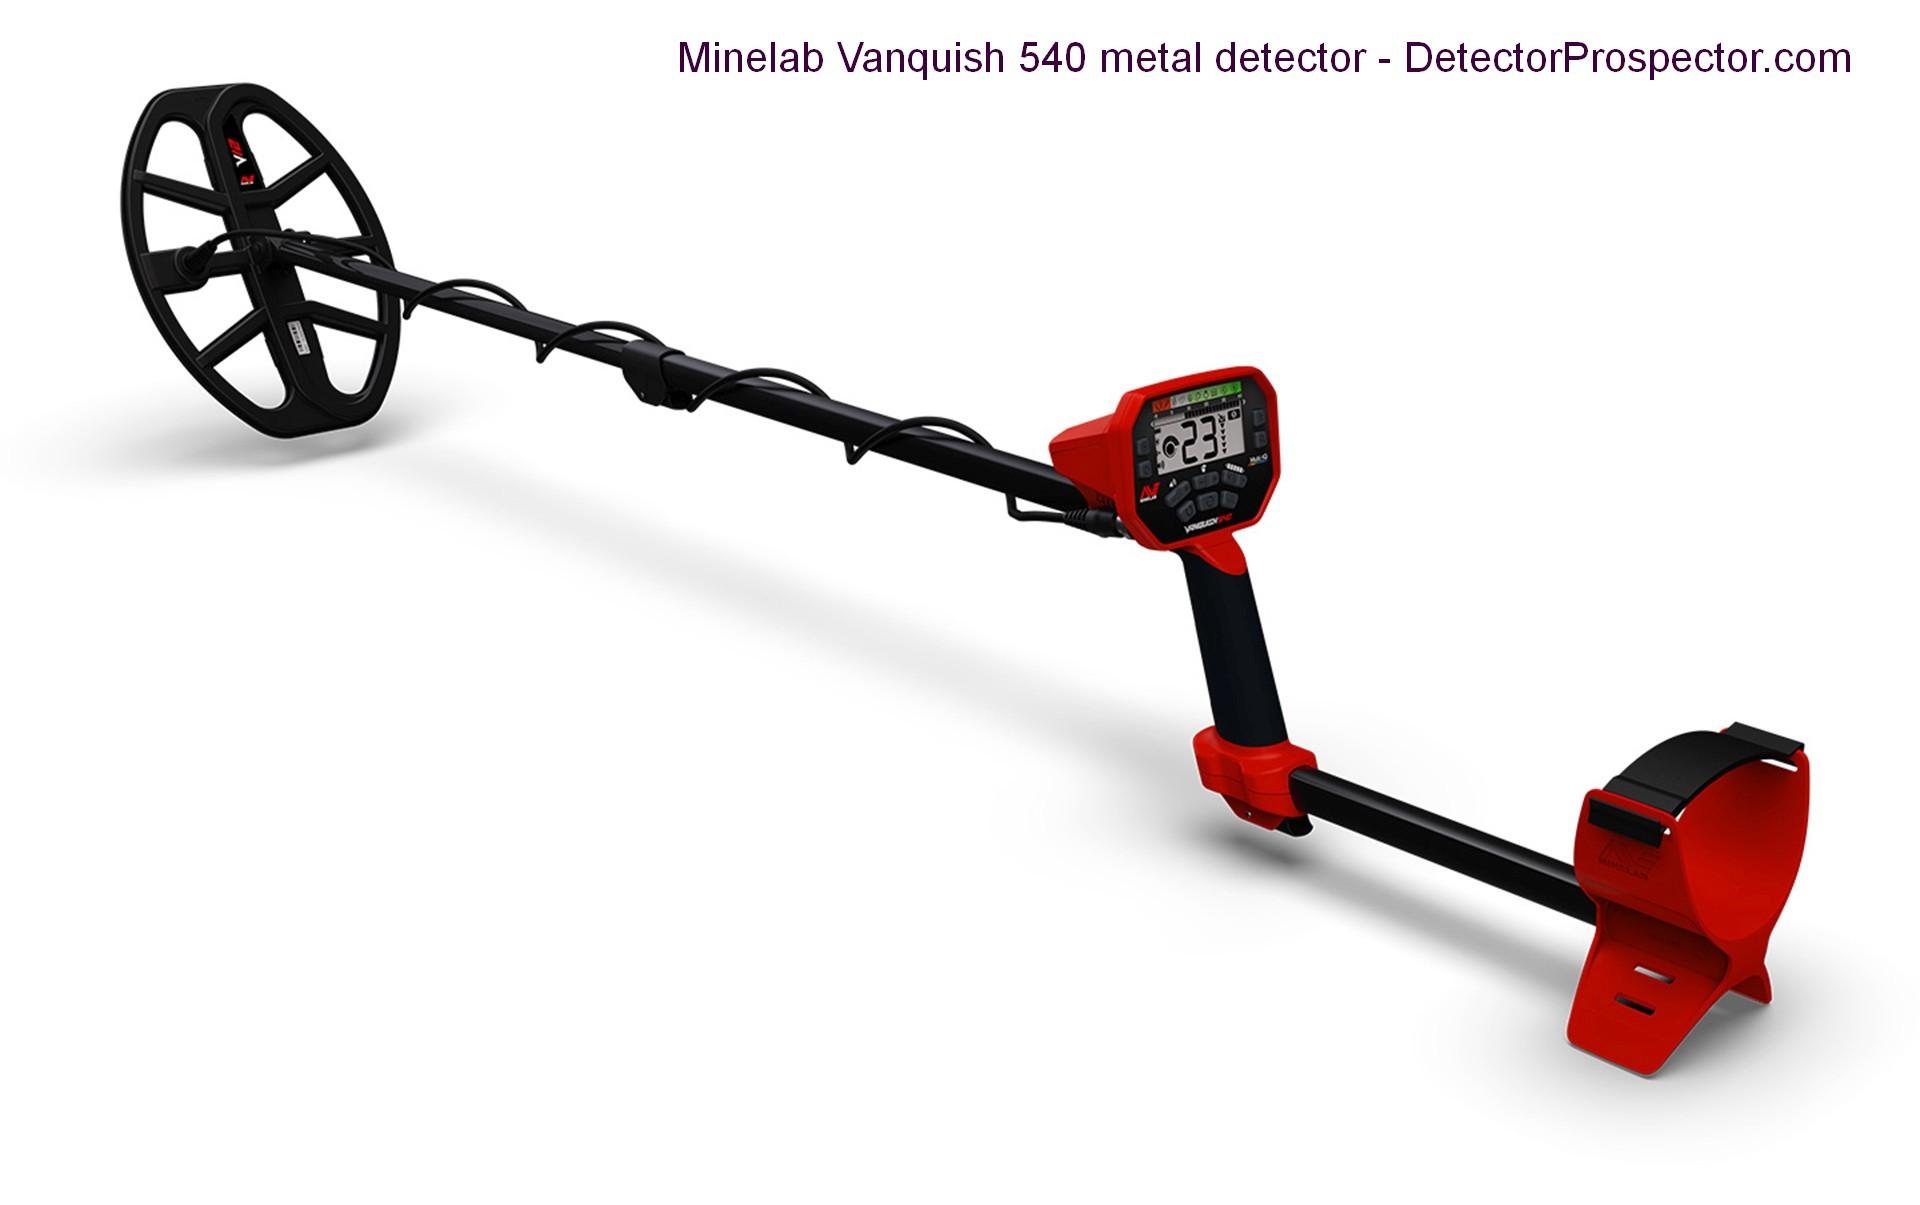 minelab-vanquish-540-metal-detector-studio-photo.jpg